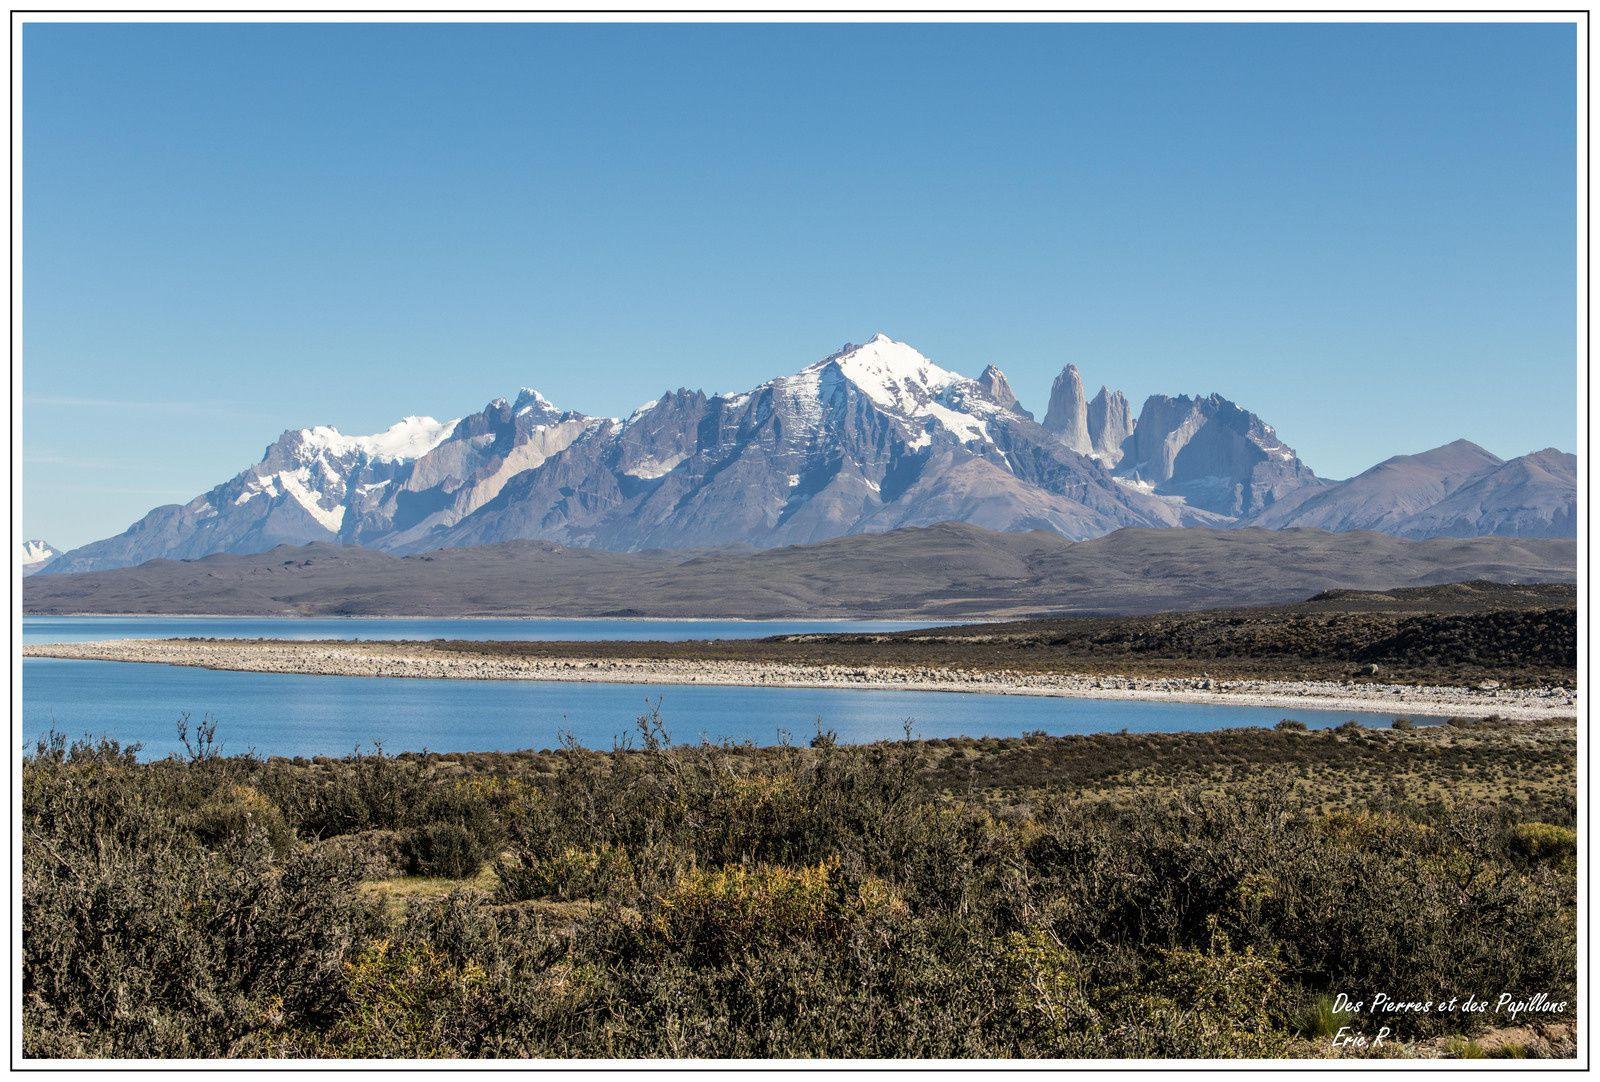 Torres del Paine avec le  Lago Sarmiento de Gamboa au premier plan